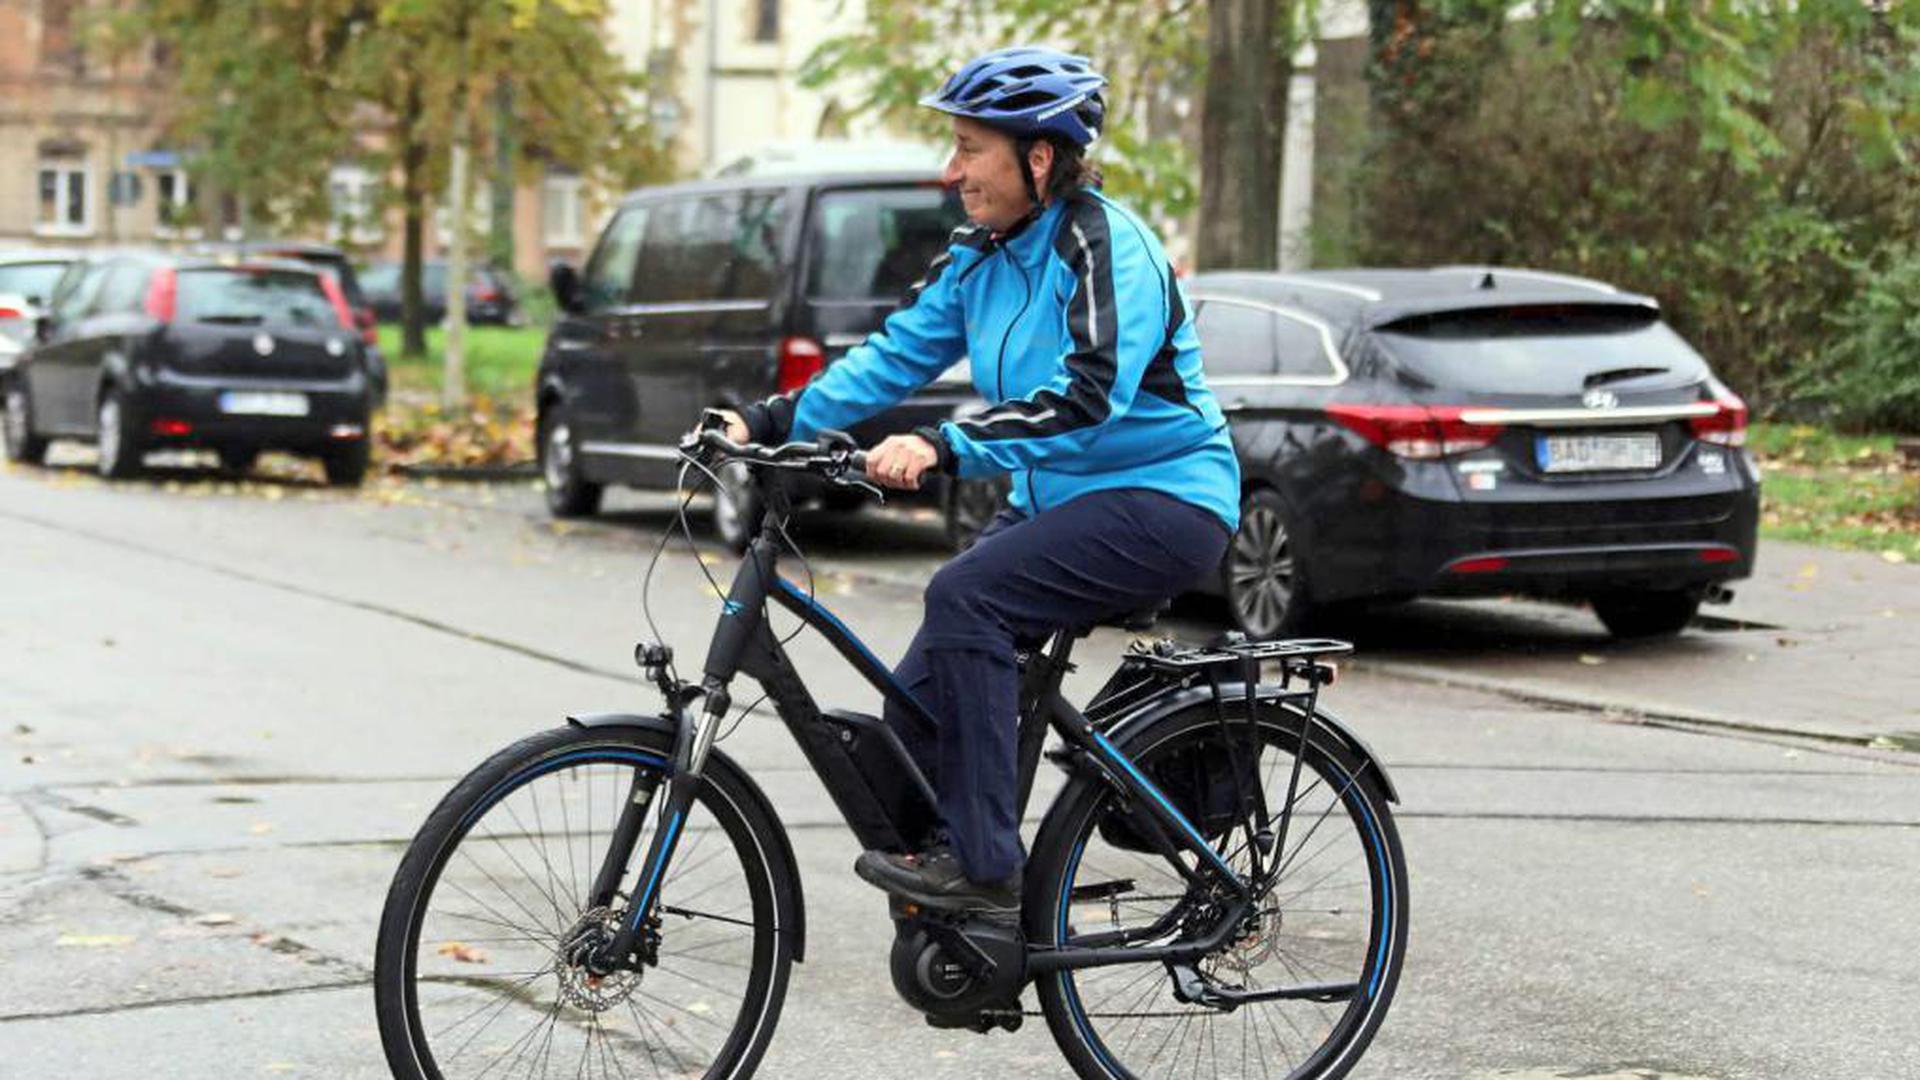 Mit dem Dienstpedelec sind in Karlsruhe die städtischen Mitarbeiter der städtischen Verkehrsüberwachung unterwegs. Dabei werden Verstöße wie Falschparken und Radfahren auf Gehwegen geahndet.